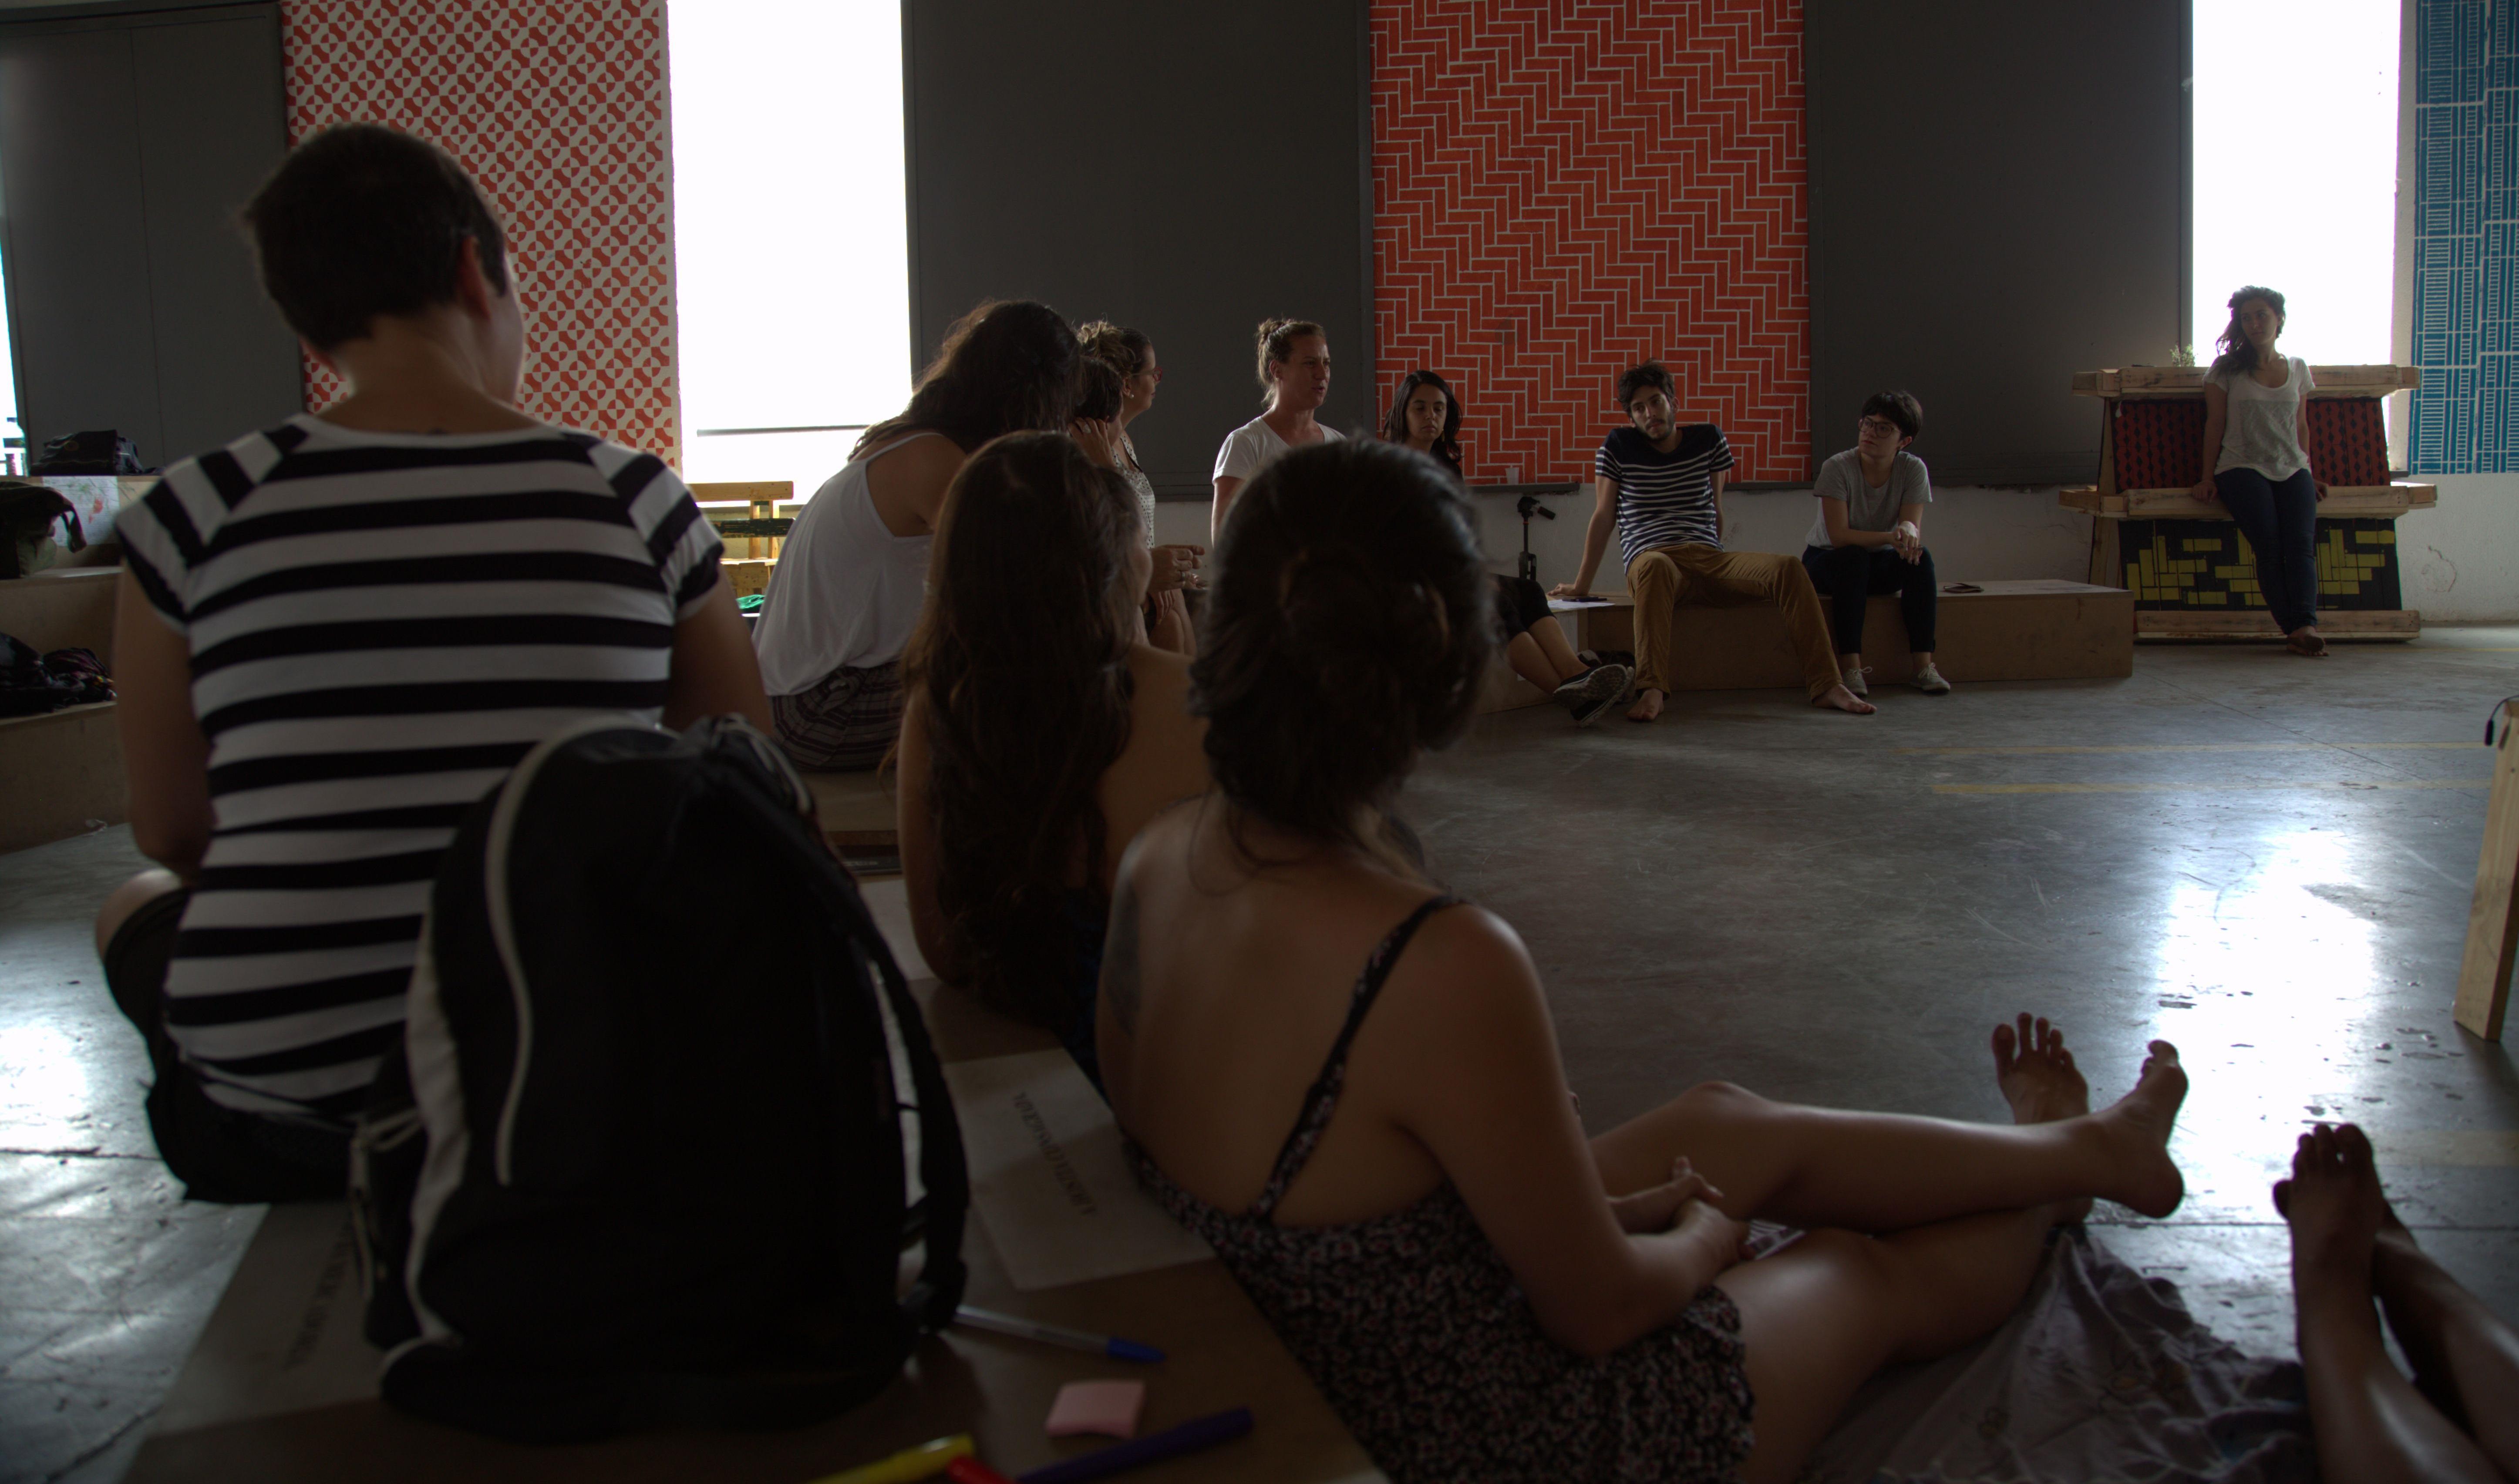 Participantes da Oficina de Crowdfunding de Rua discutem como financiar seus projetos (Divulgação)